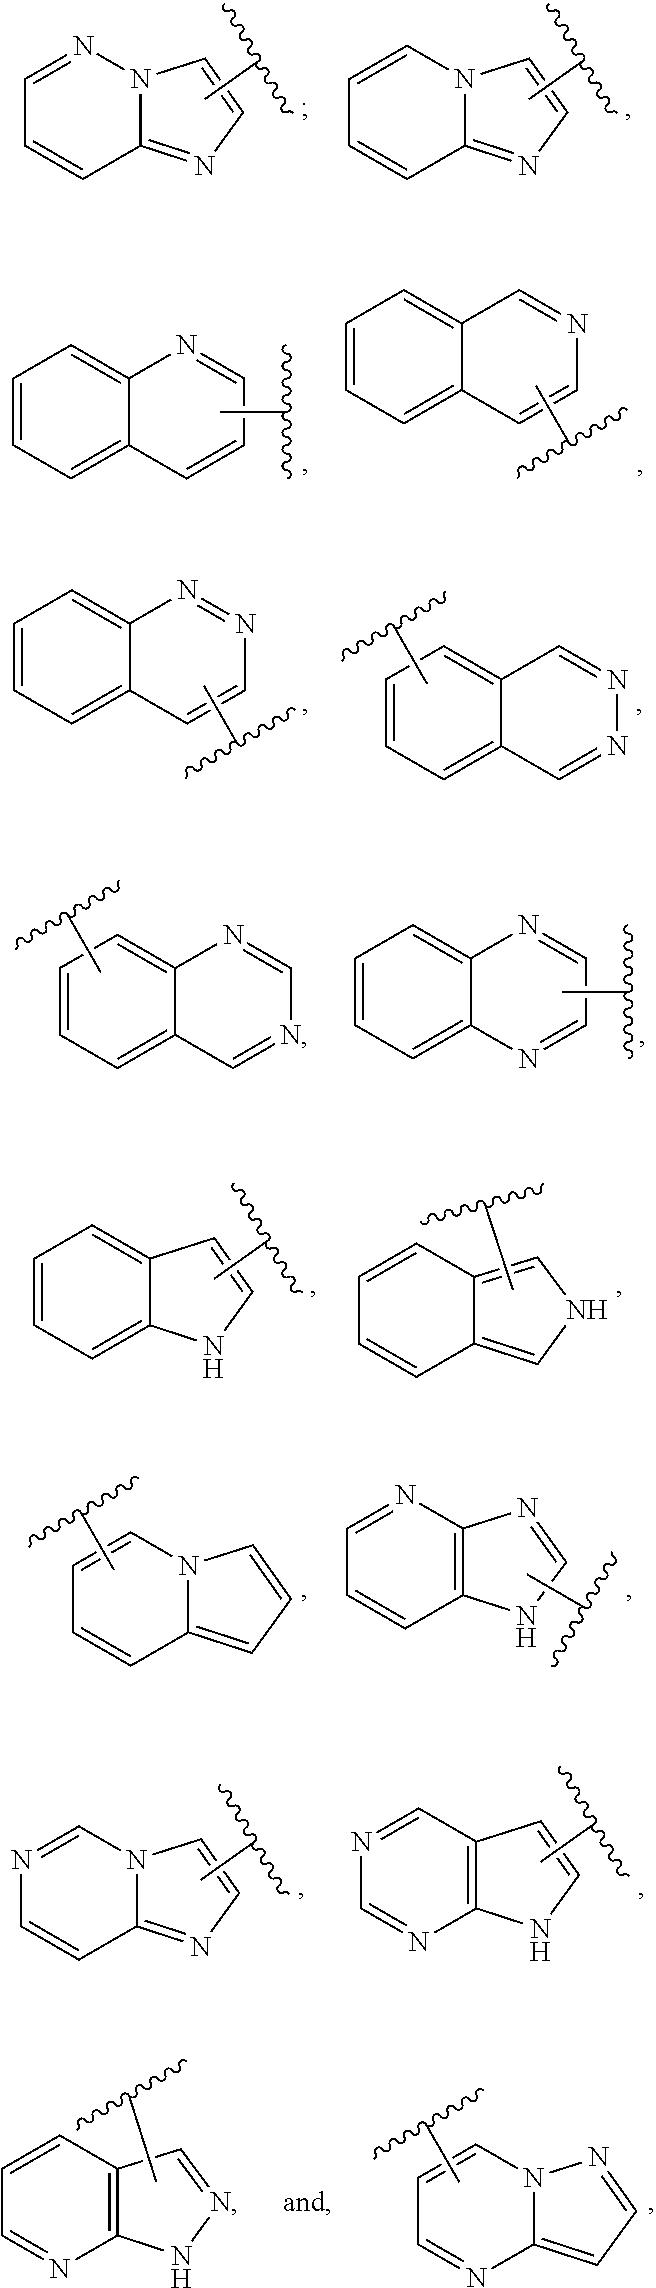 Figure US09725452-20170808-C00006